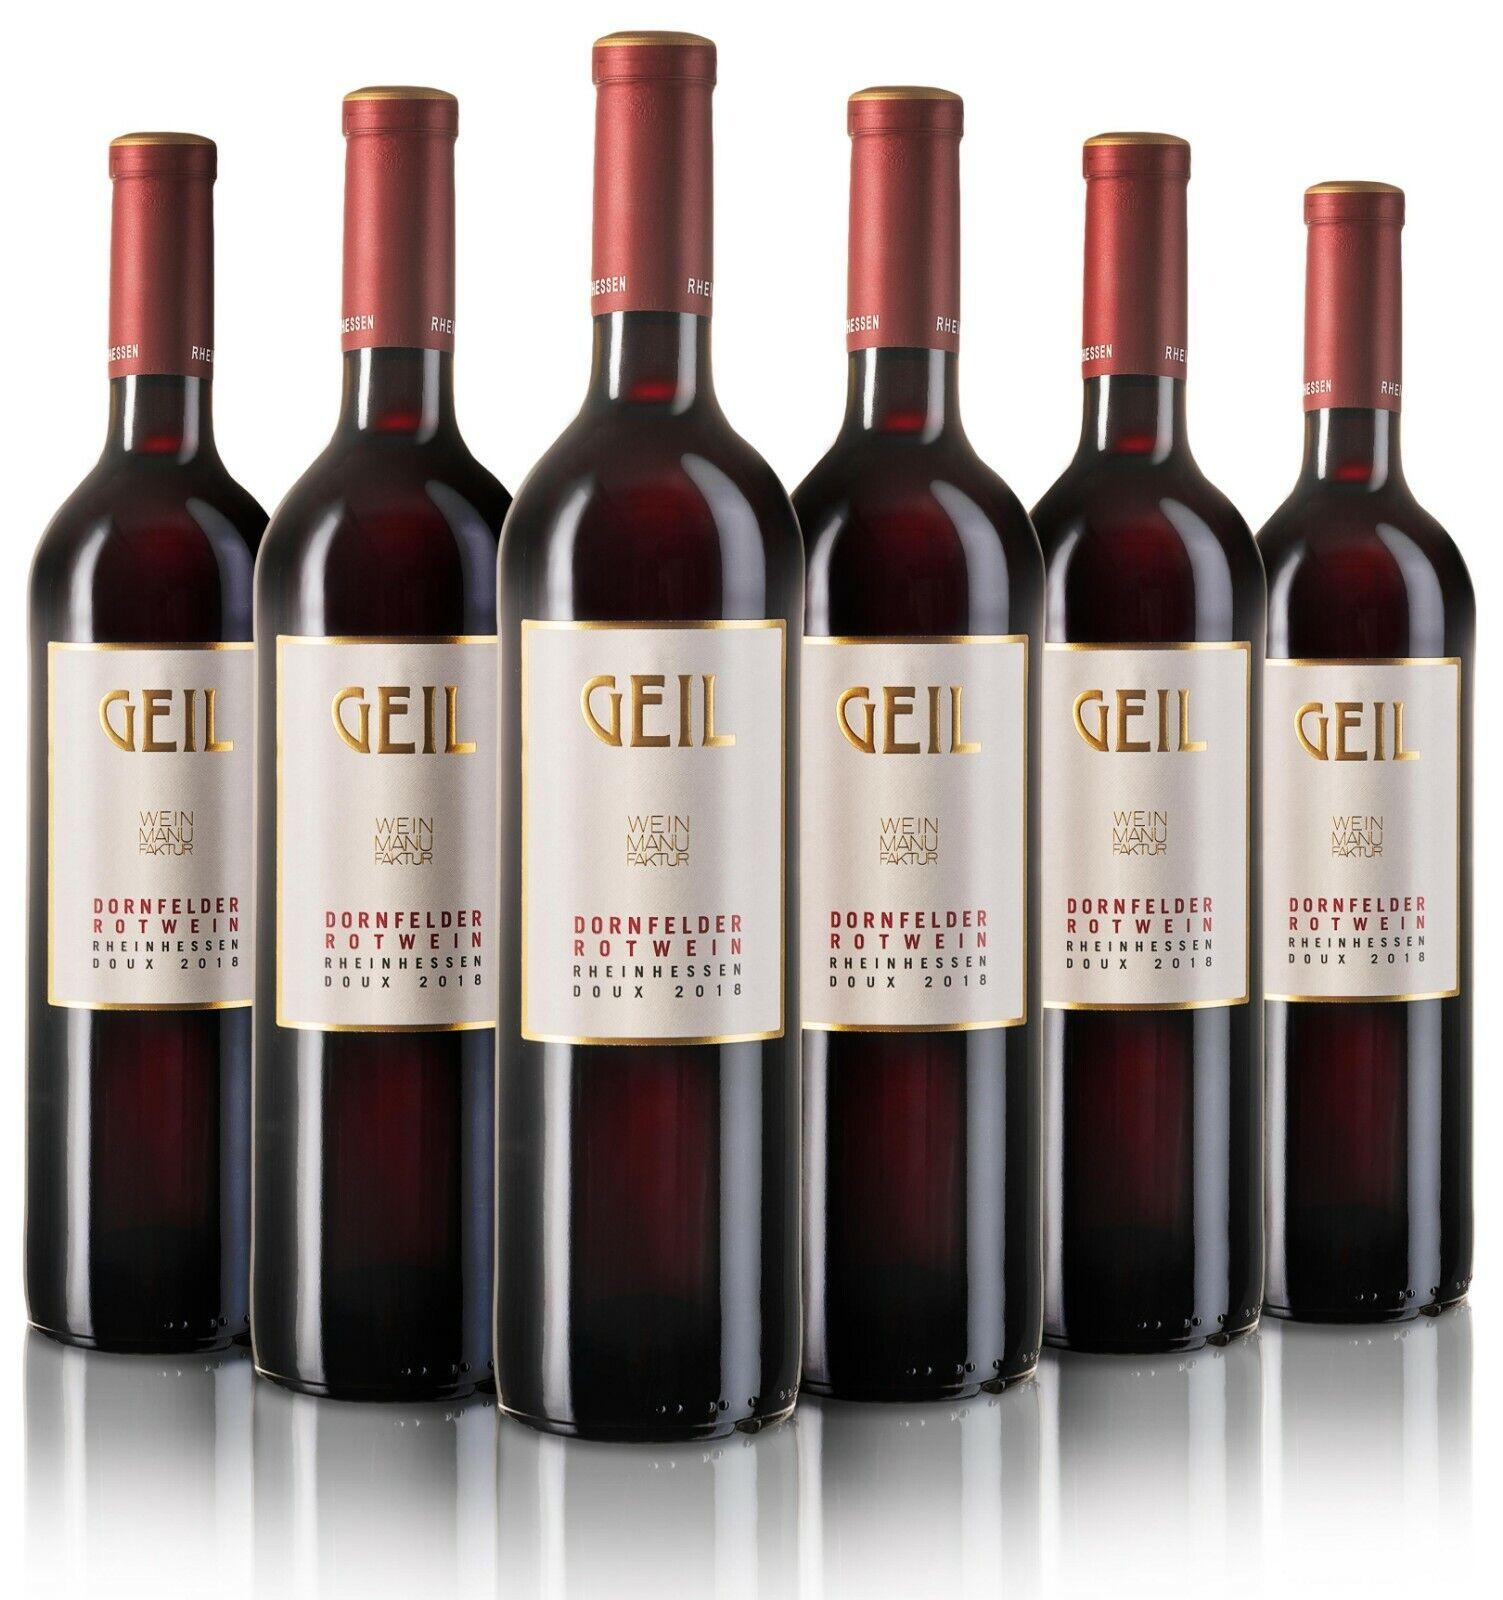 6 Flaschen Geil Dornfelder Rotwein 2019 lieblich Rheinhessen Wein Johann Geil